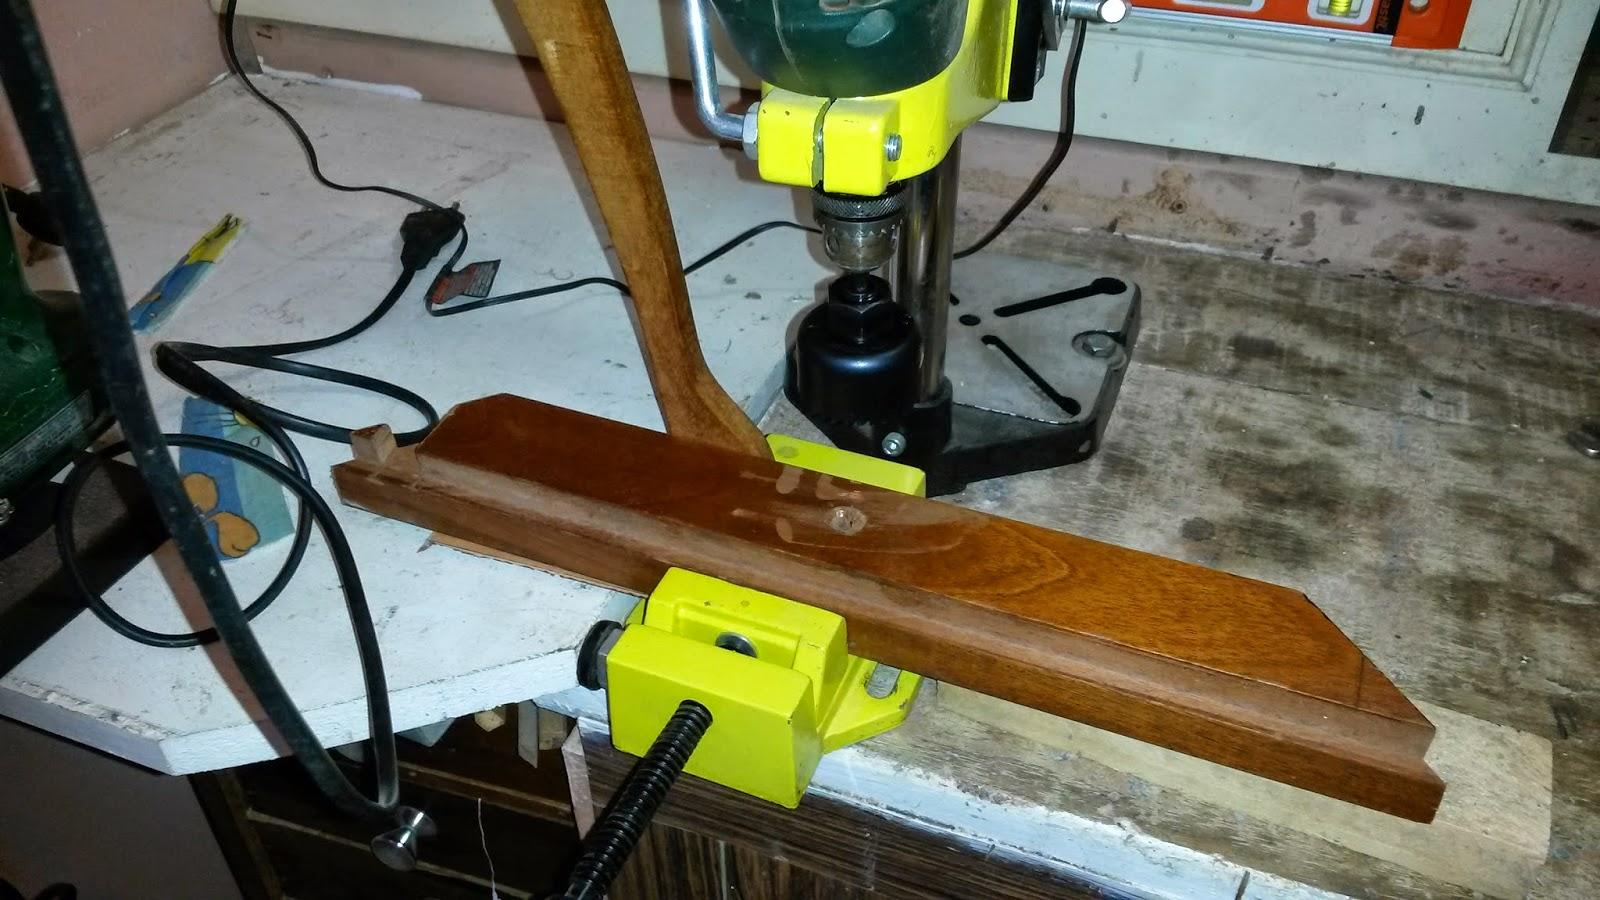 Oficina do Quintal: Como fazer uma bancada para tupia Parte II #A5B516 1600x900